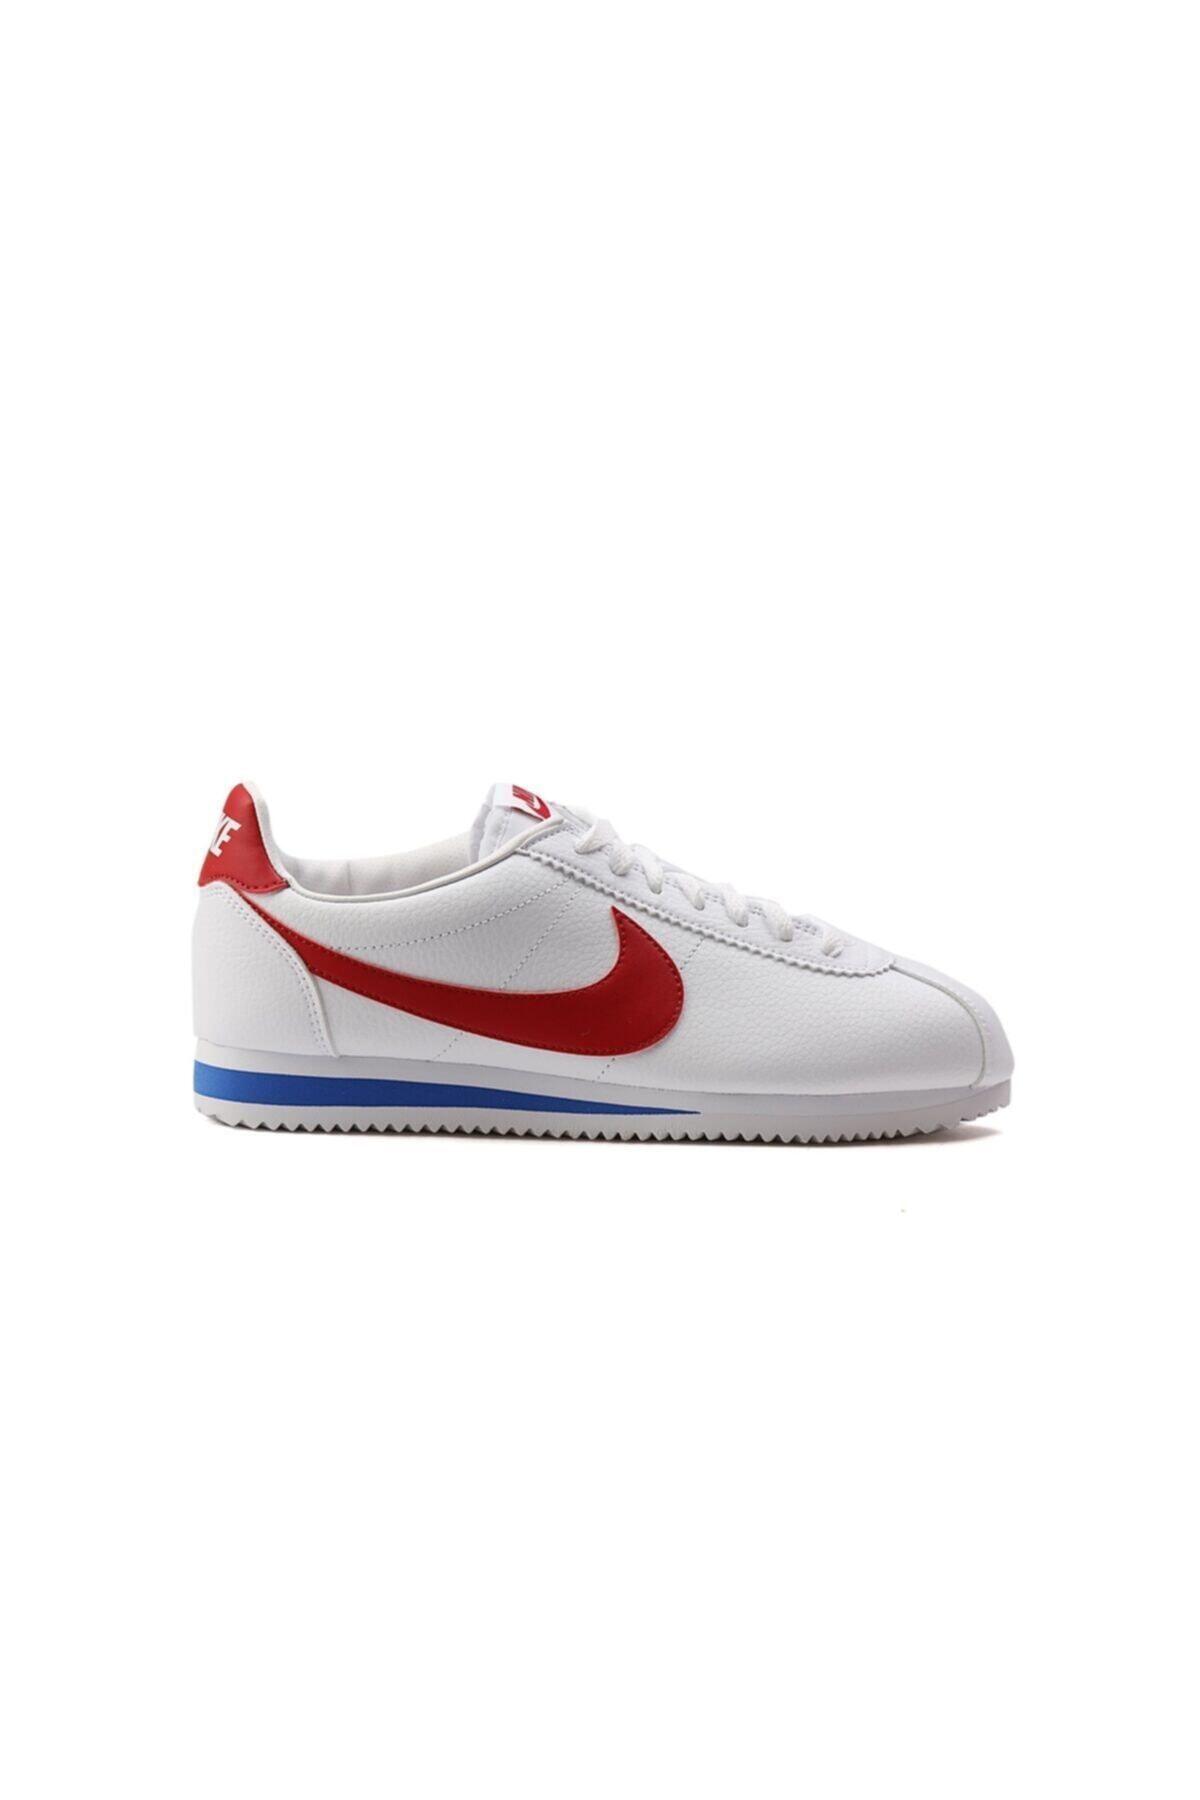 Nike 749571-154 Men's Classic Cortez Leather Shoe Erkek Günlük Ayakkabı 1